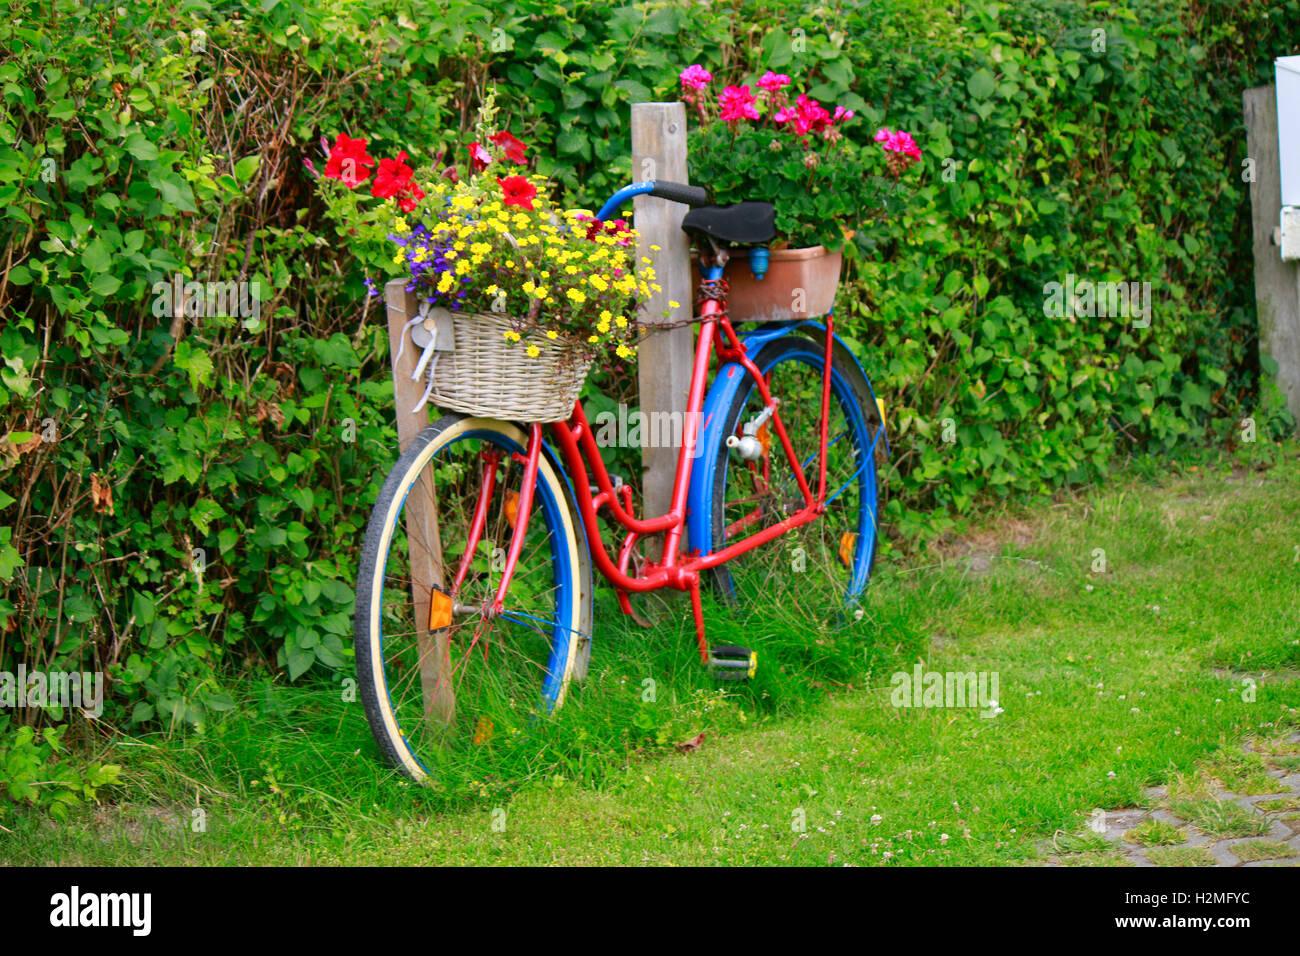 Fahrrad, Blumen, Ruegen. Stock Photo